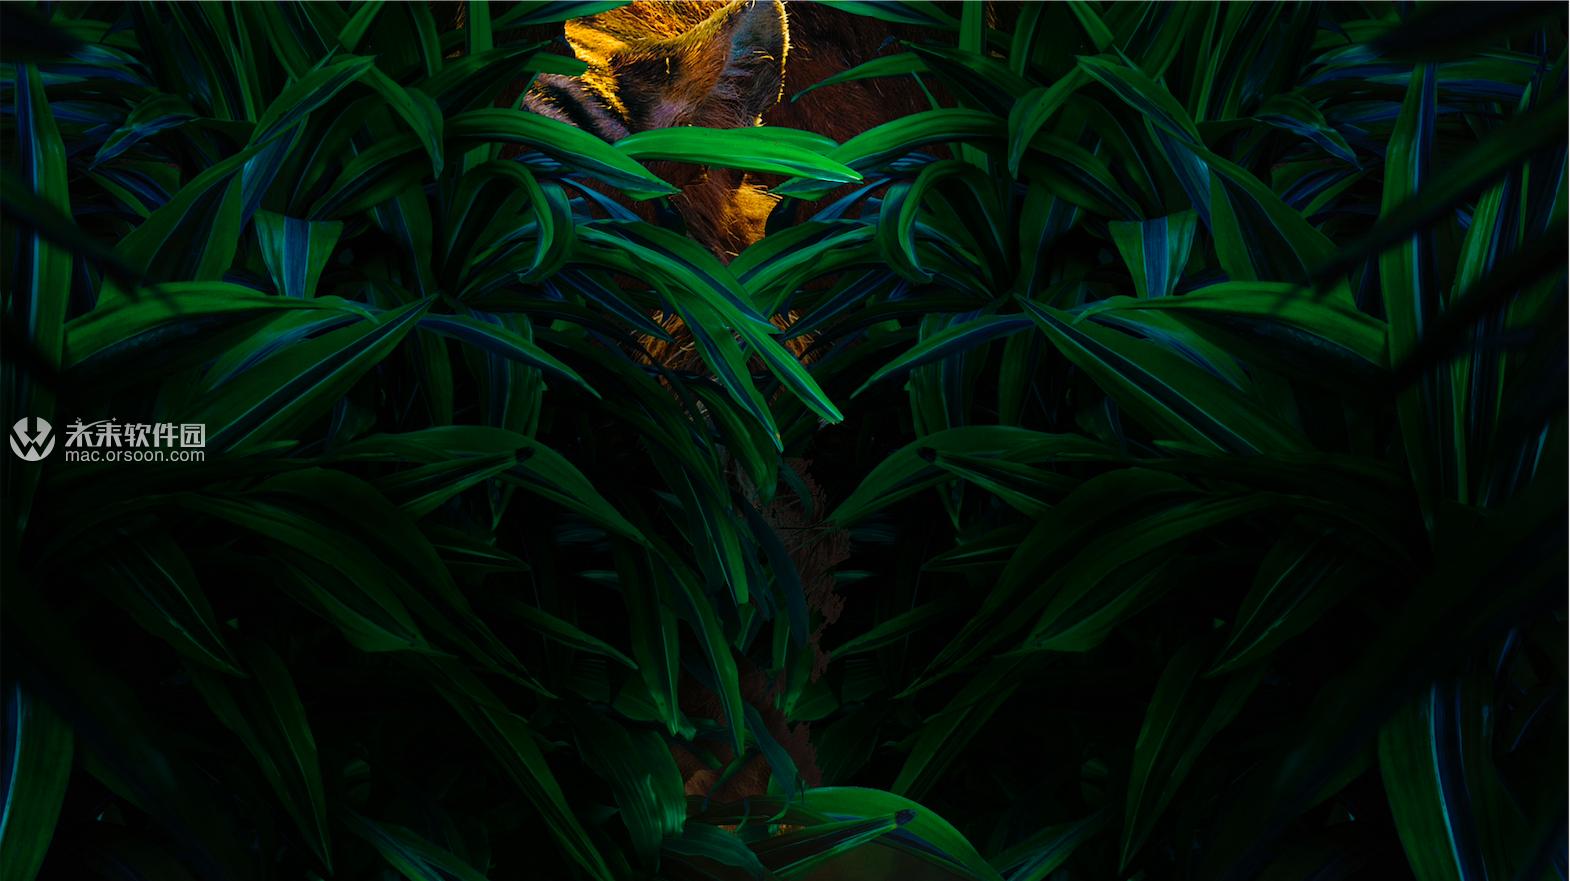 丛林中的猛虎动态桌面壁纸